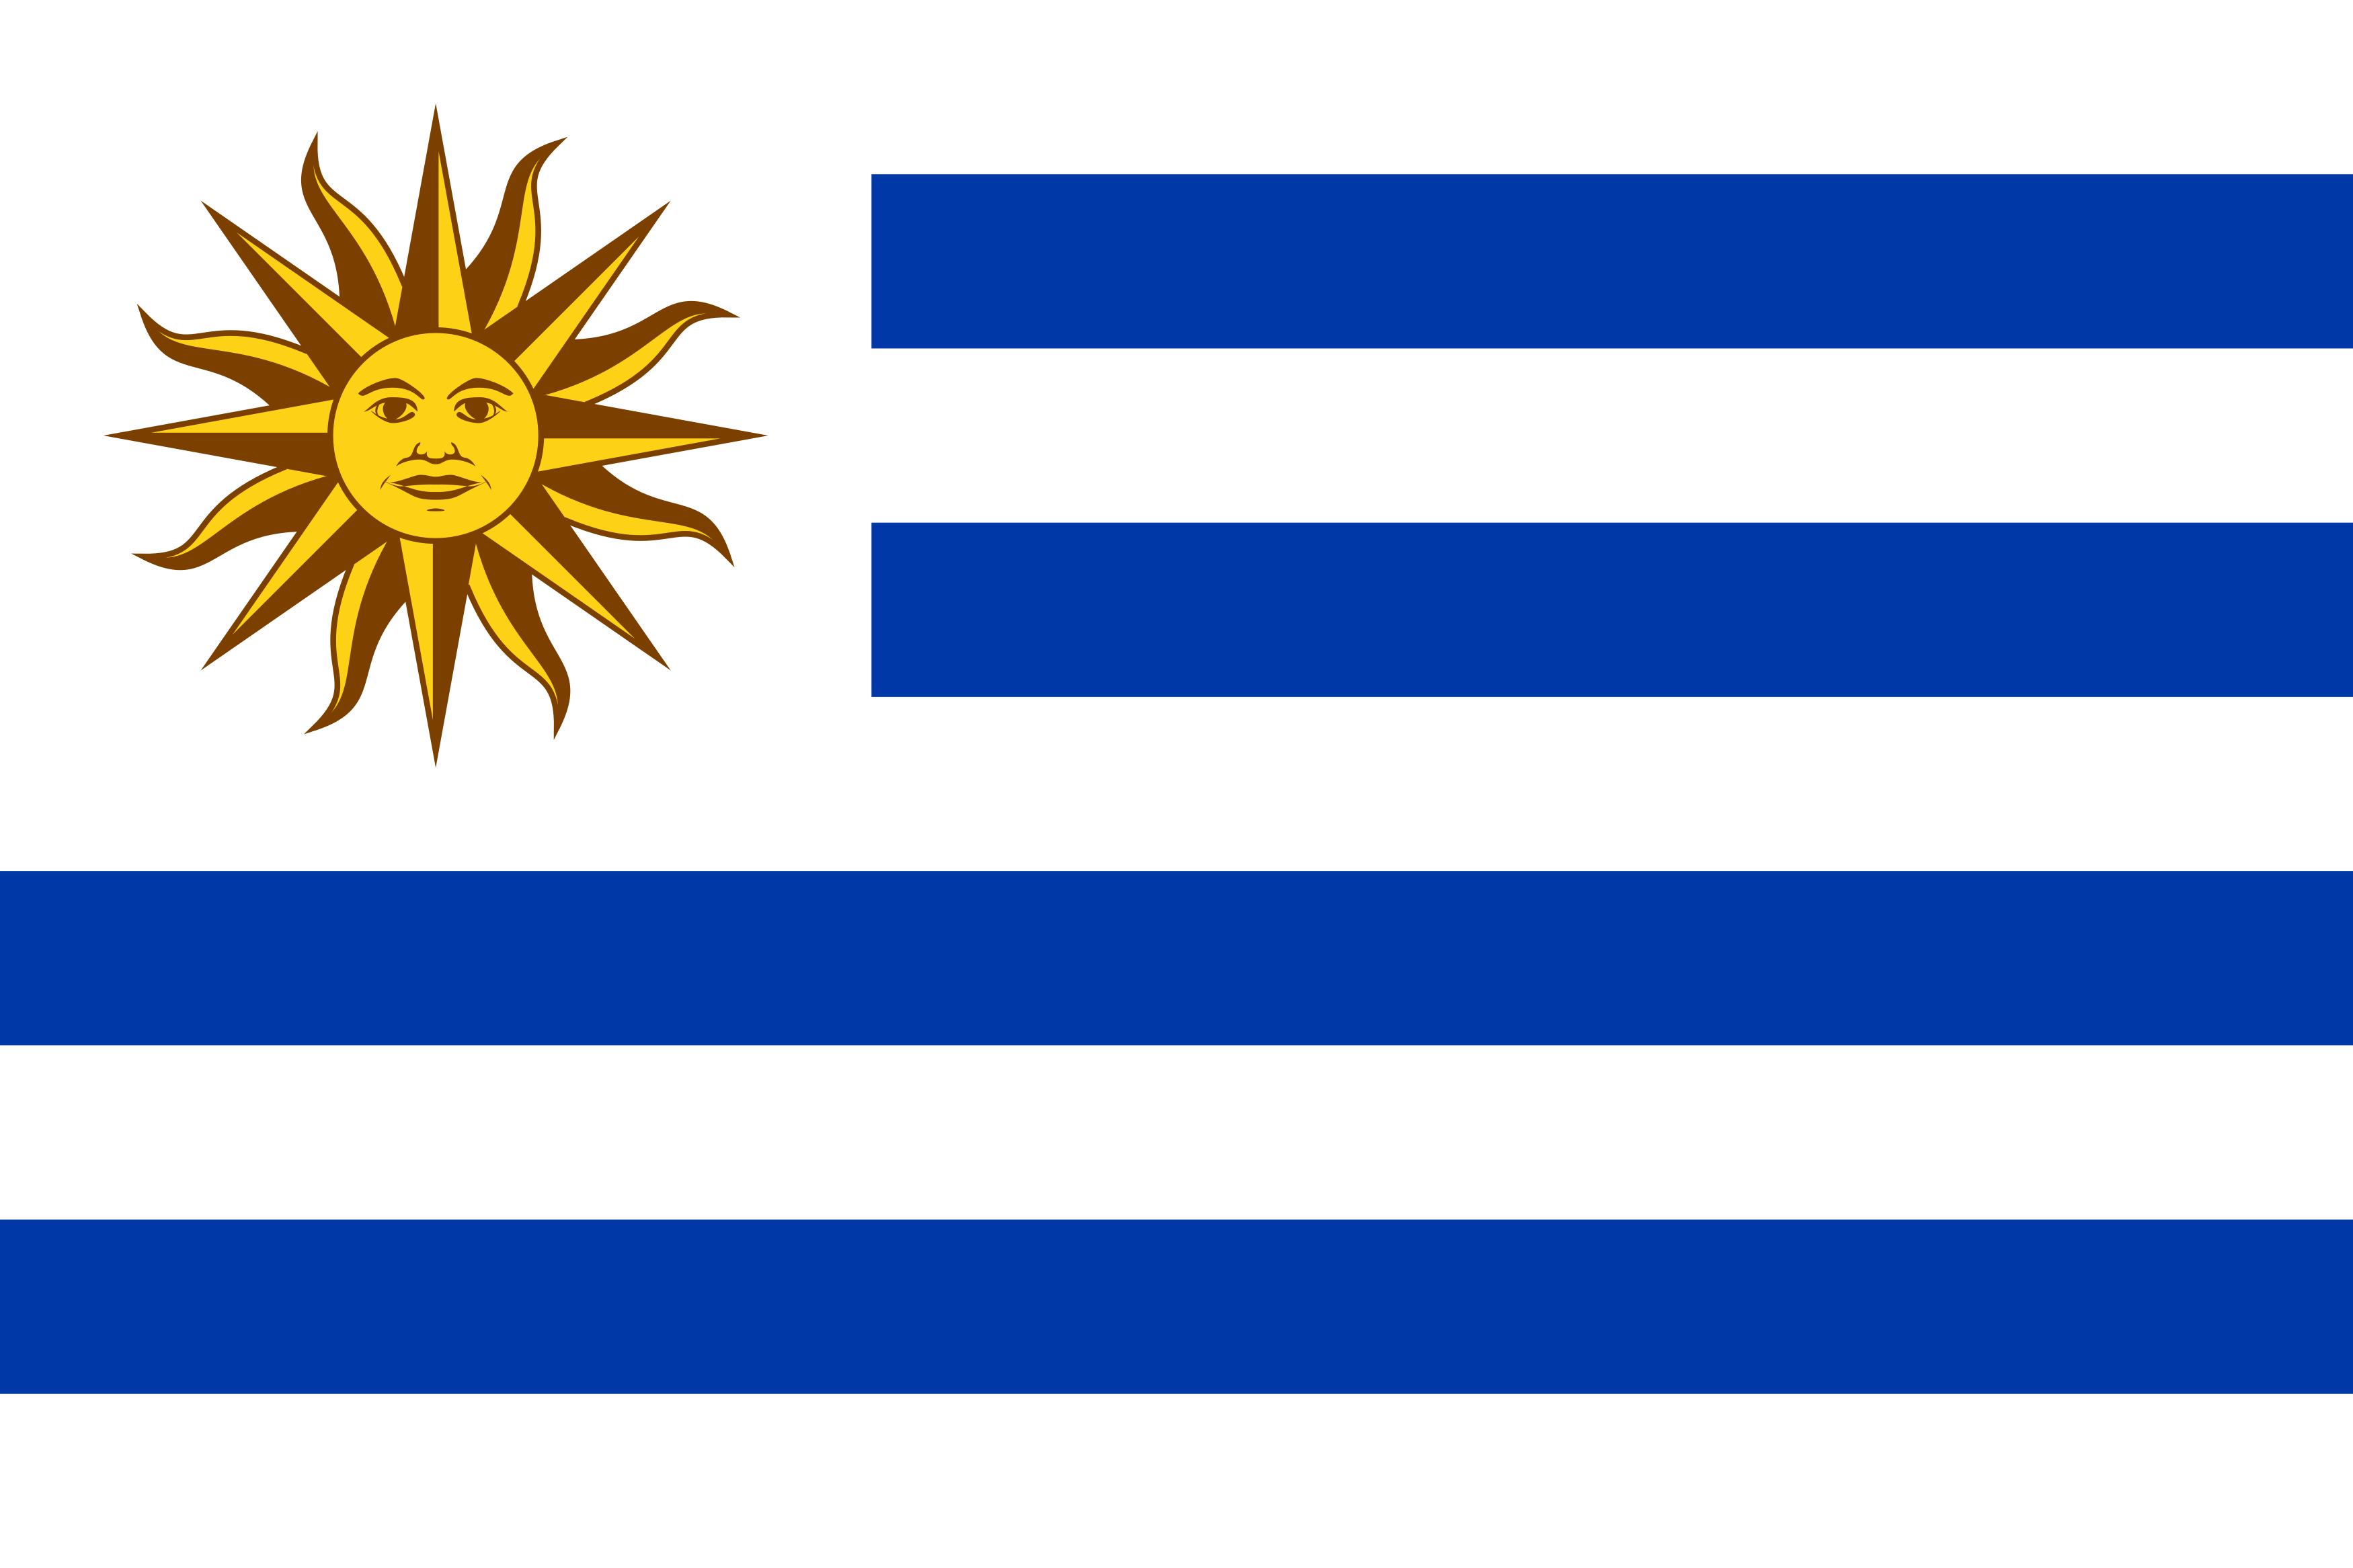 bandeira do uruguai - Bandeira do Uruguai